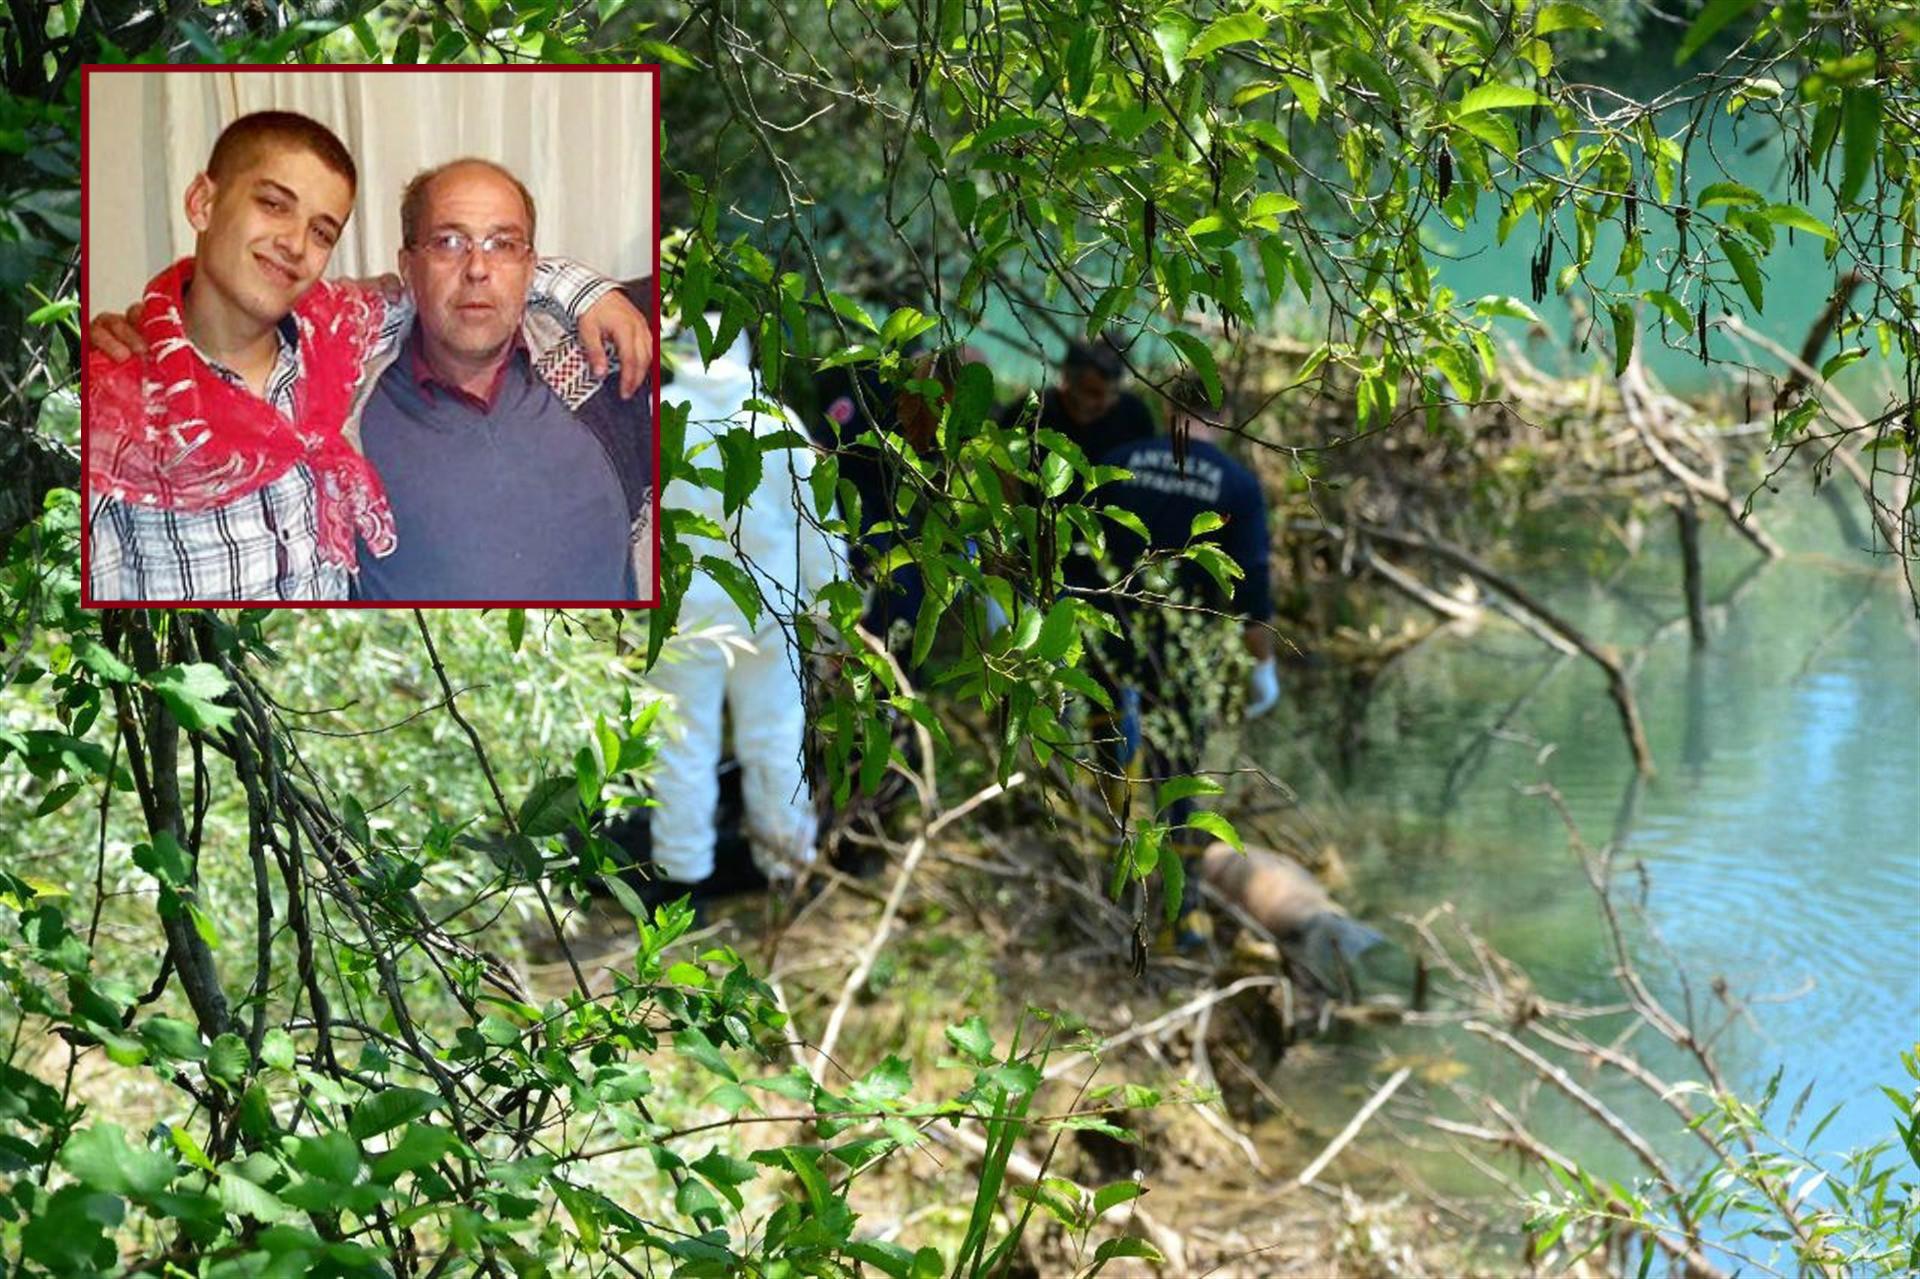 Polisten kaçan 18 yaşındaki gencin ırmakta cesedi bulundu